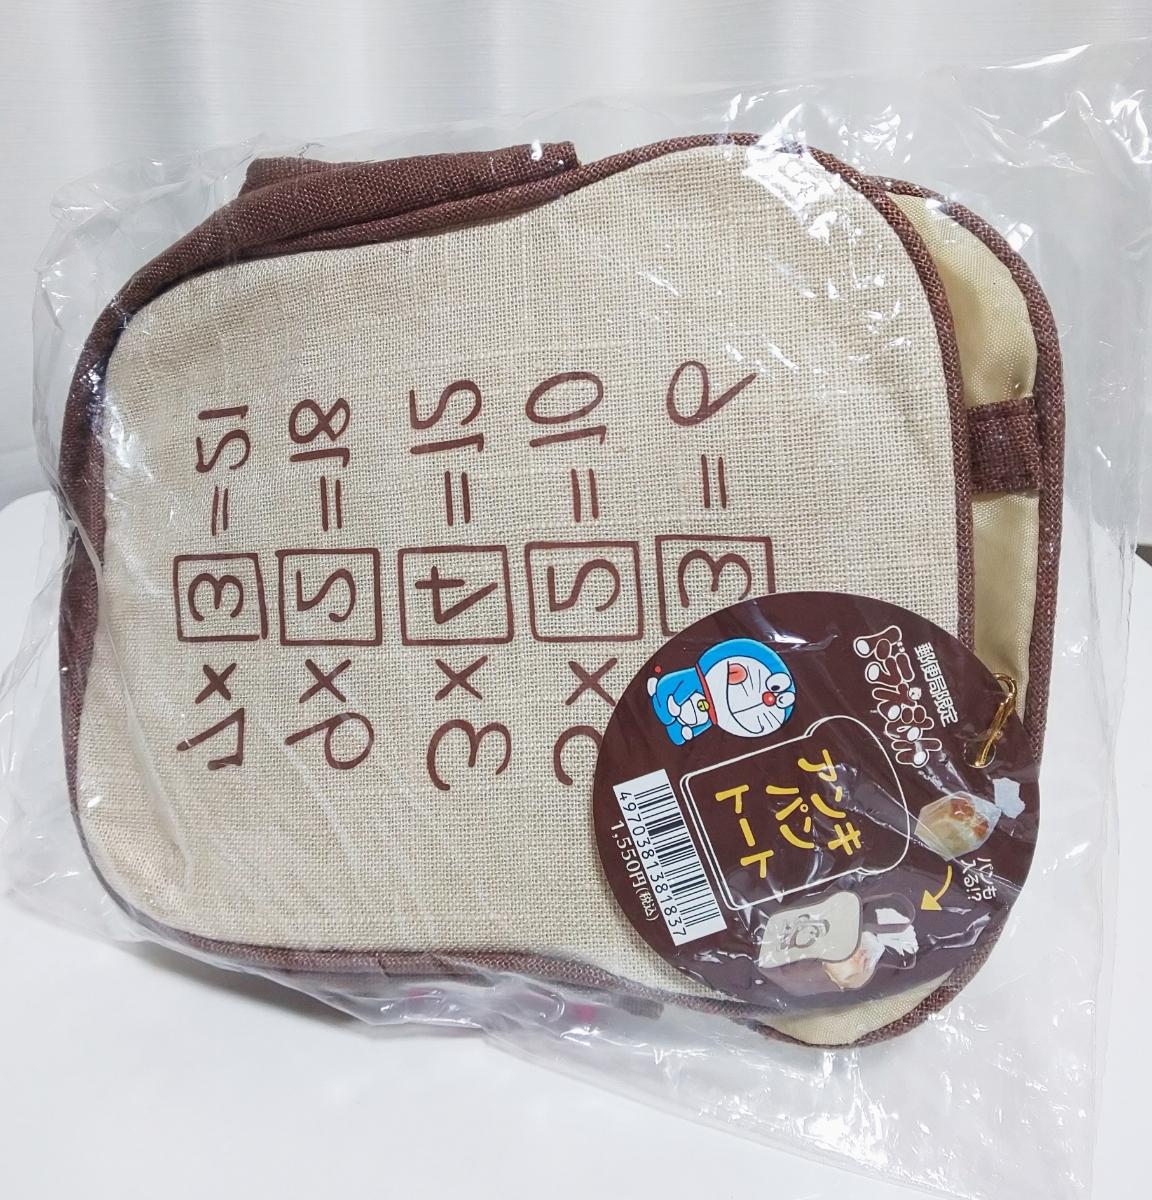 ドラえもん★アンキパン型トートバッグ★郵便局限定品★ラスト1個★新品タグ付♪_画像4